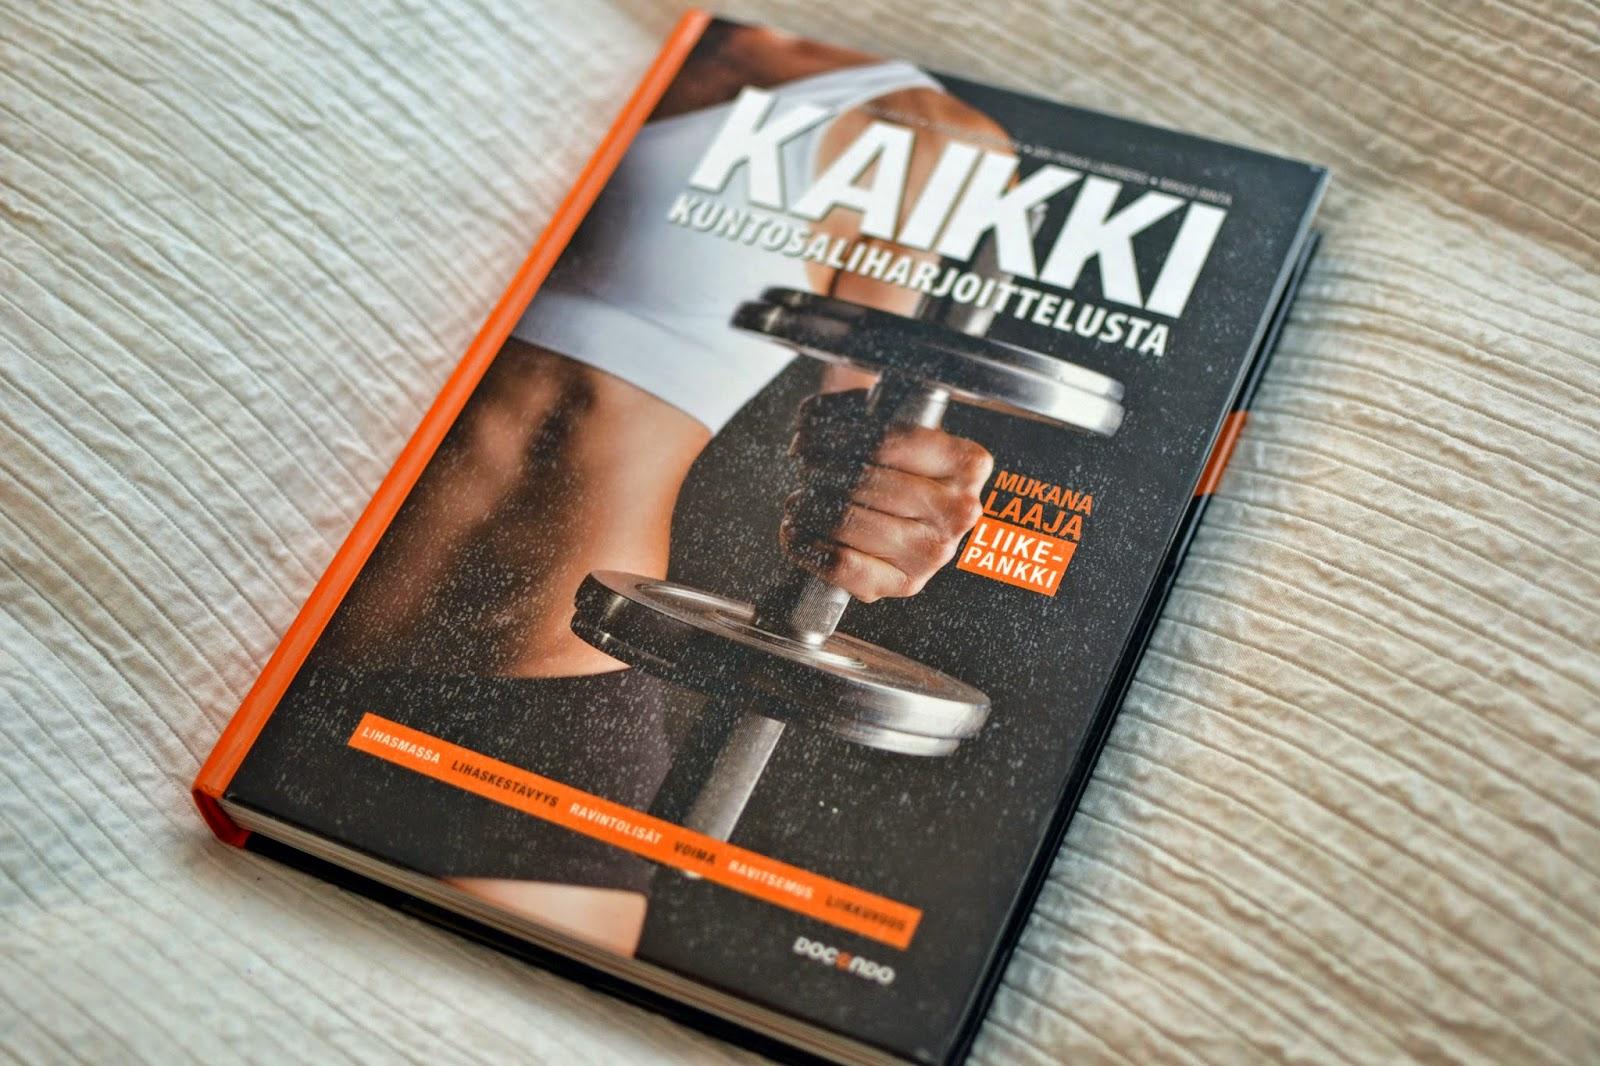 http://clk.tradedoubler.com/click?p(345)a(1641695)g(16952822)url(http://cdon.fi/kirjat/aalto%2c_riku/kaikki_kuntosaliharjoittelusta-25766047)